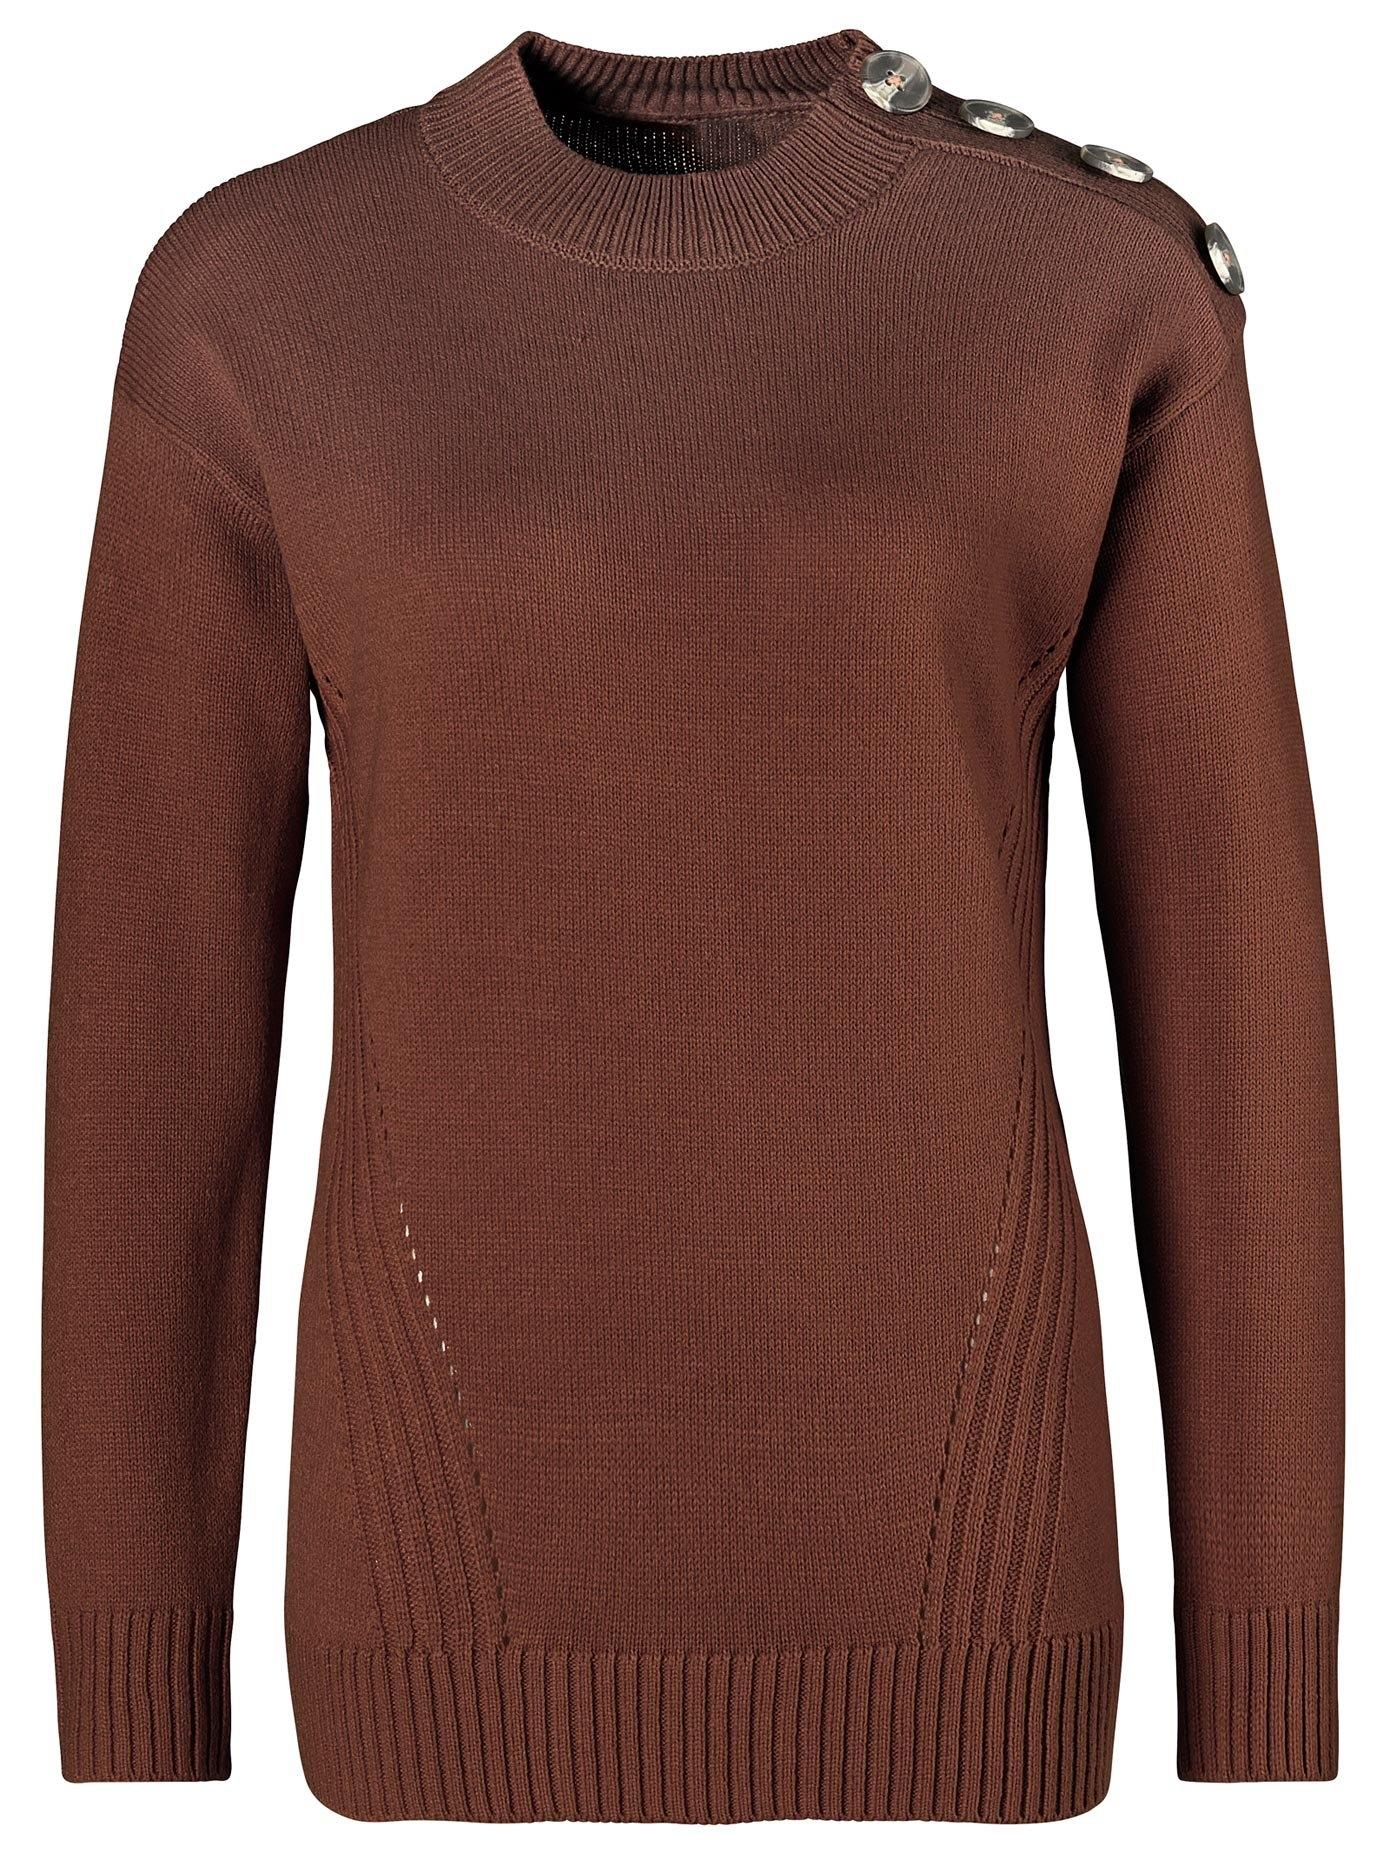 Classic Basics trui met staande kraag goedkoop op otto.nl kopen